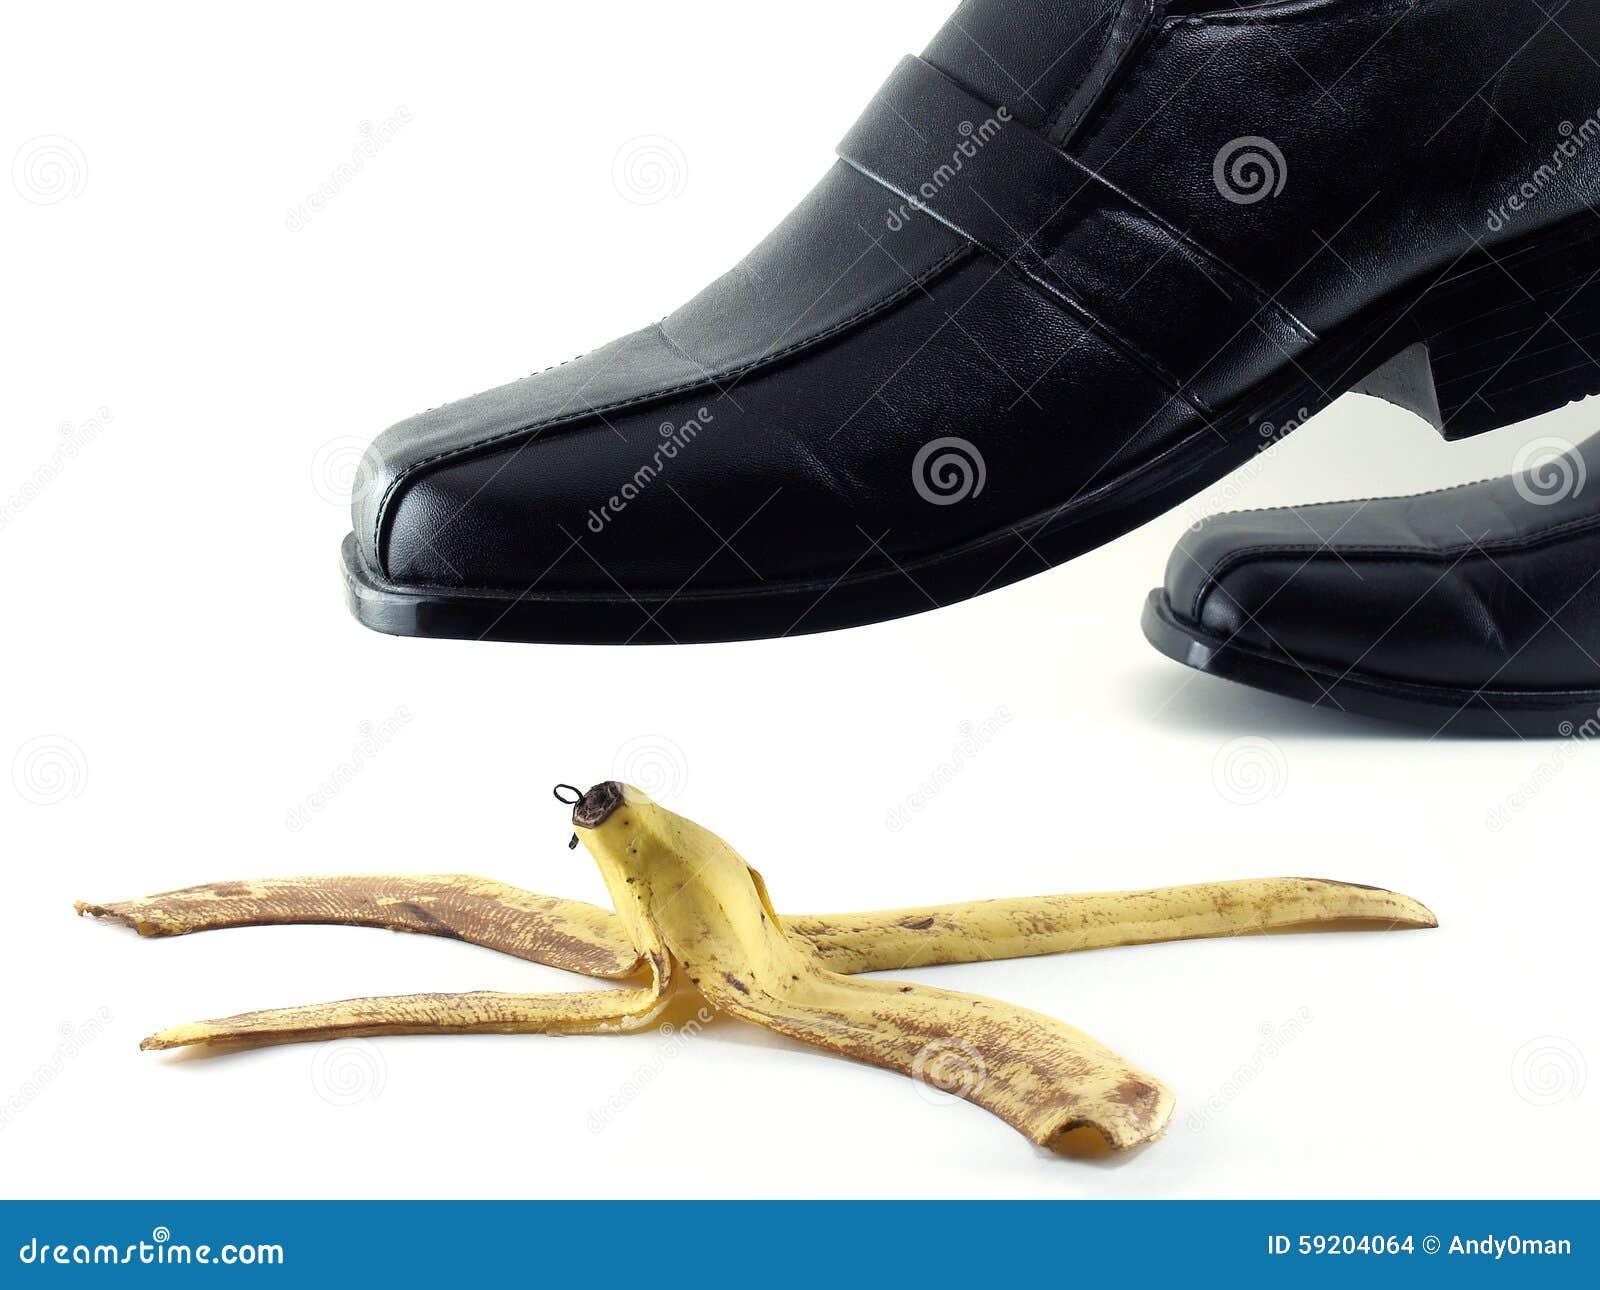 Le Cuir Une Noires Marchent De Les Sur En Chaussures Banane Peau ymvIb7g6Yf